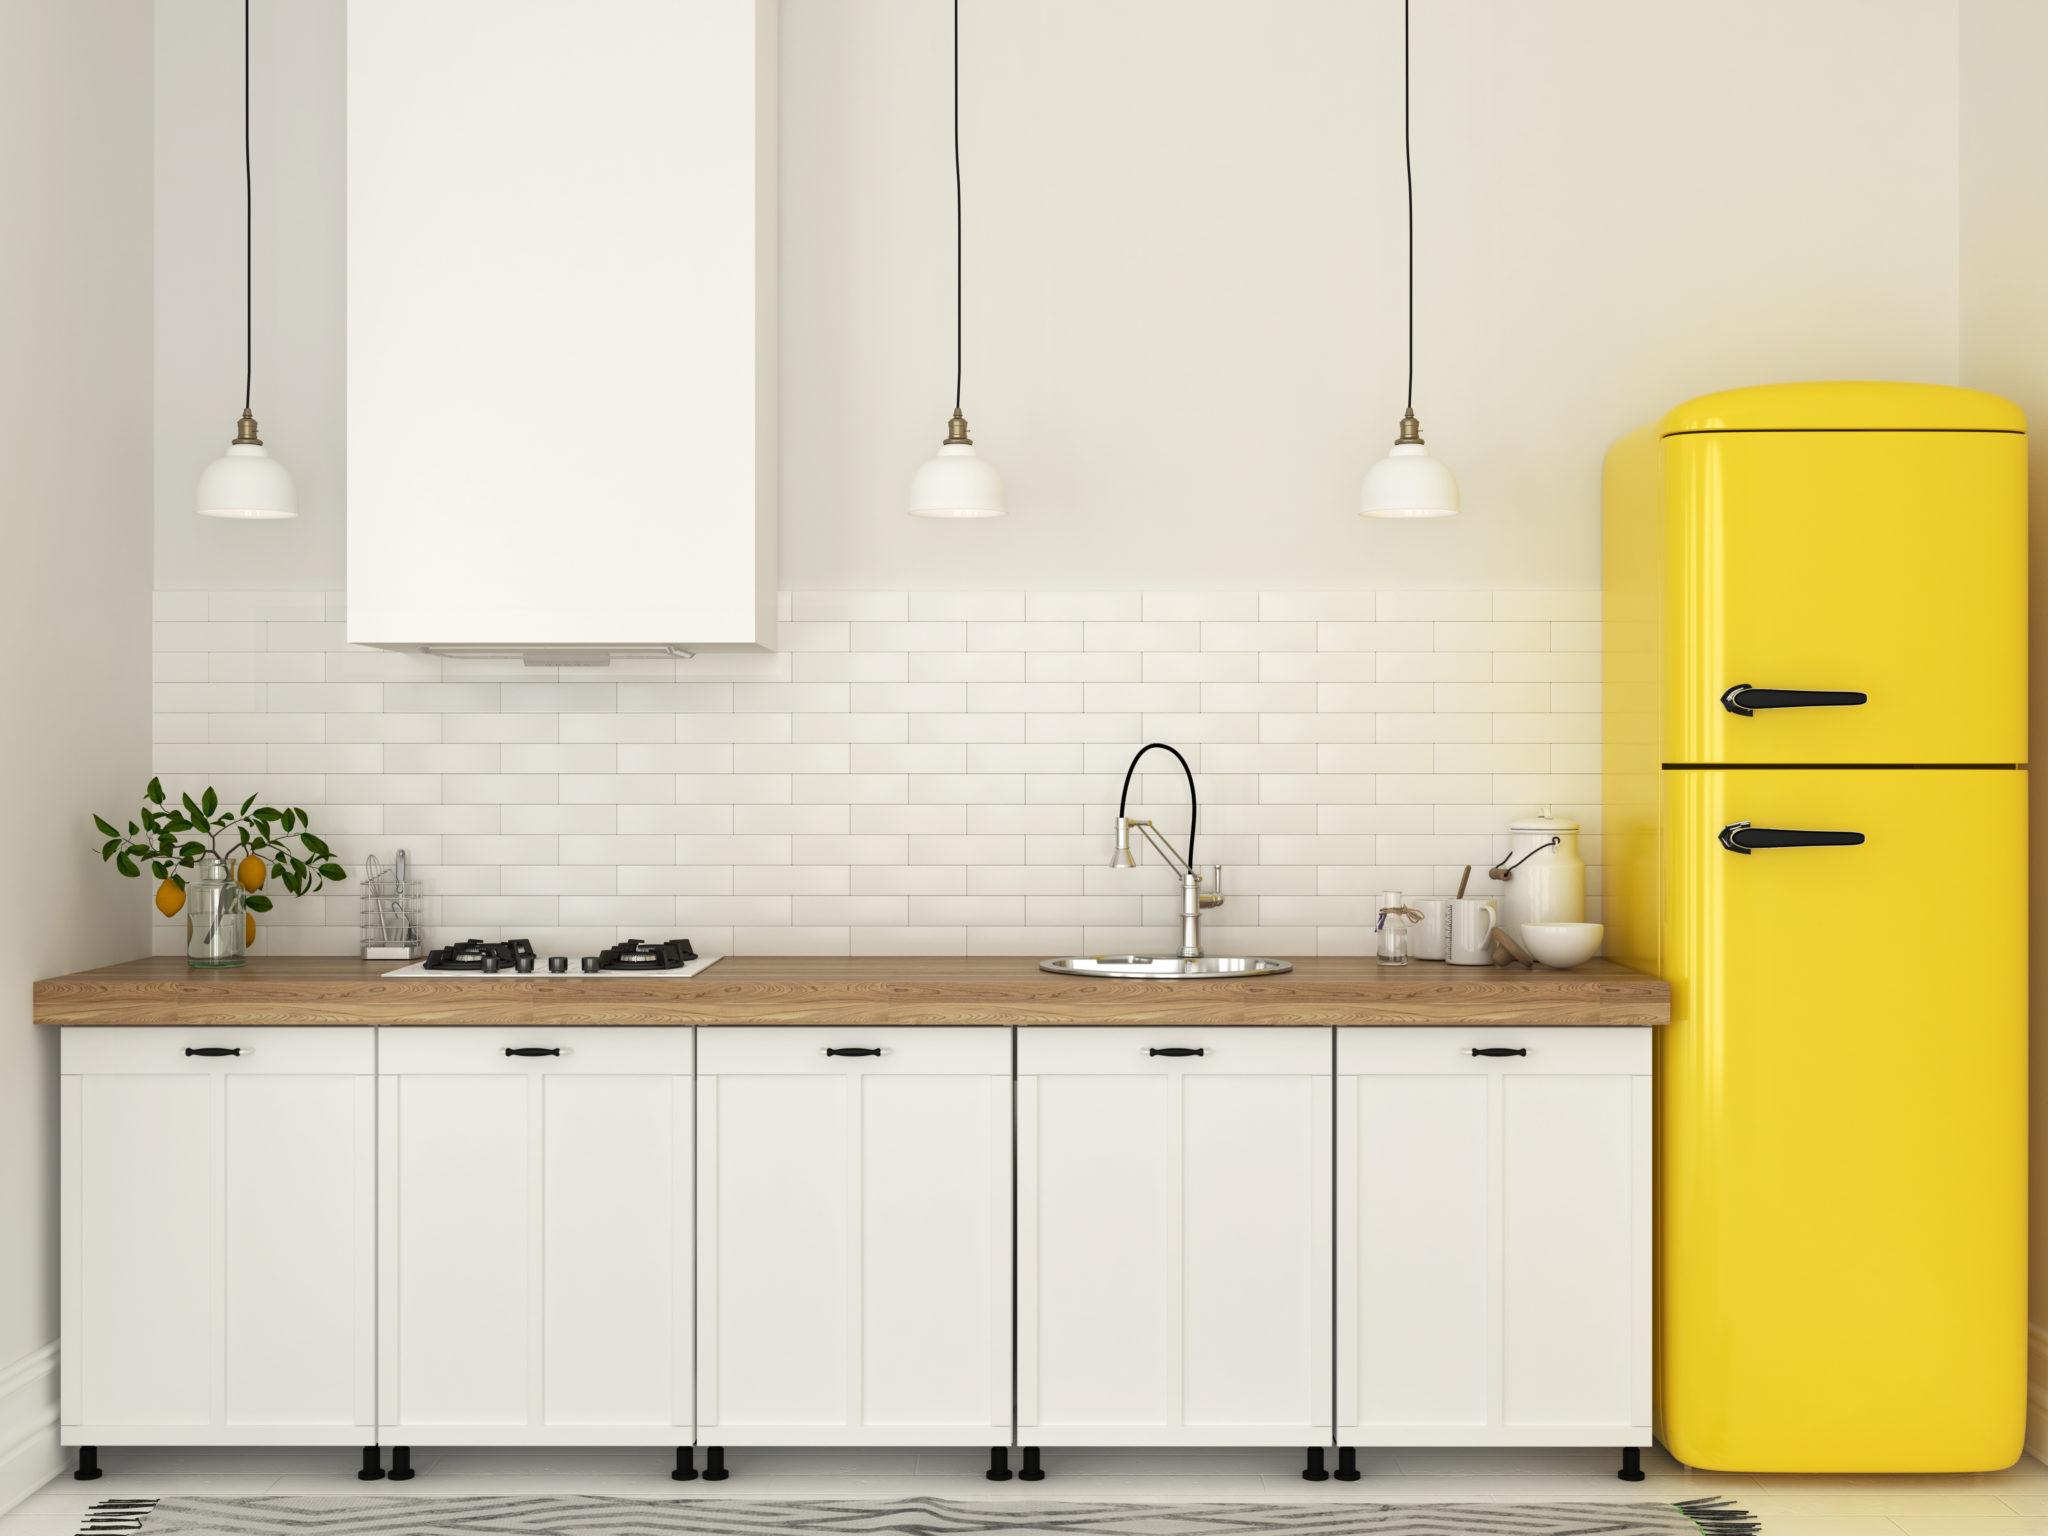 Vernice per il legno bianca coprente un tocco di candore - Smalto ad acqua per cucina ...